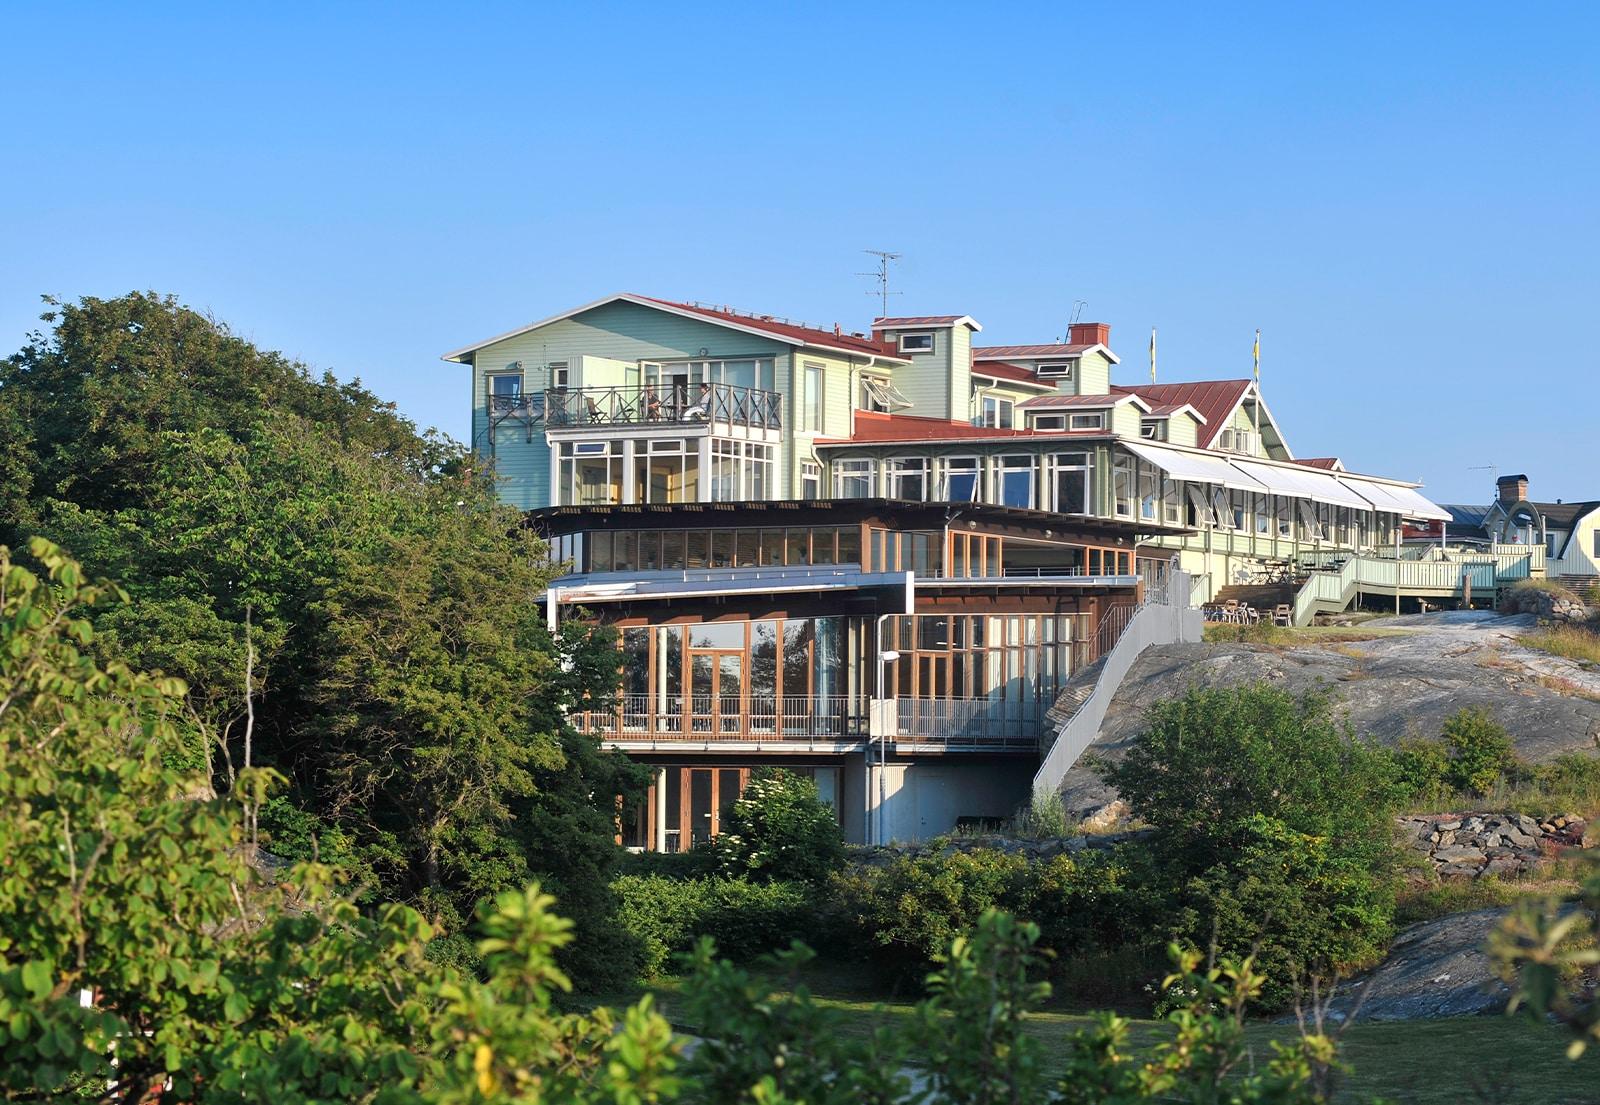 Smögens hafvsbad hotell fasad